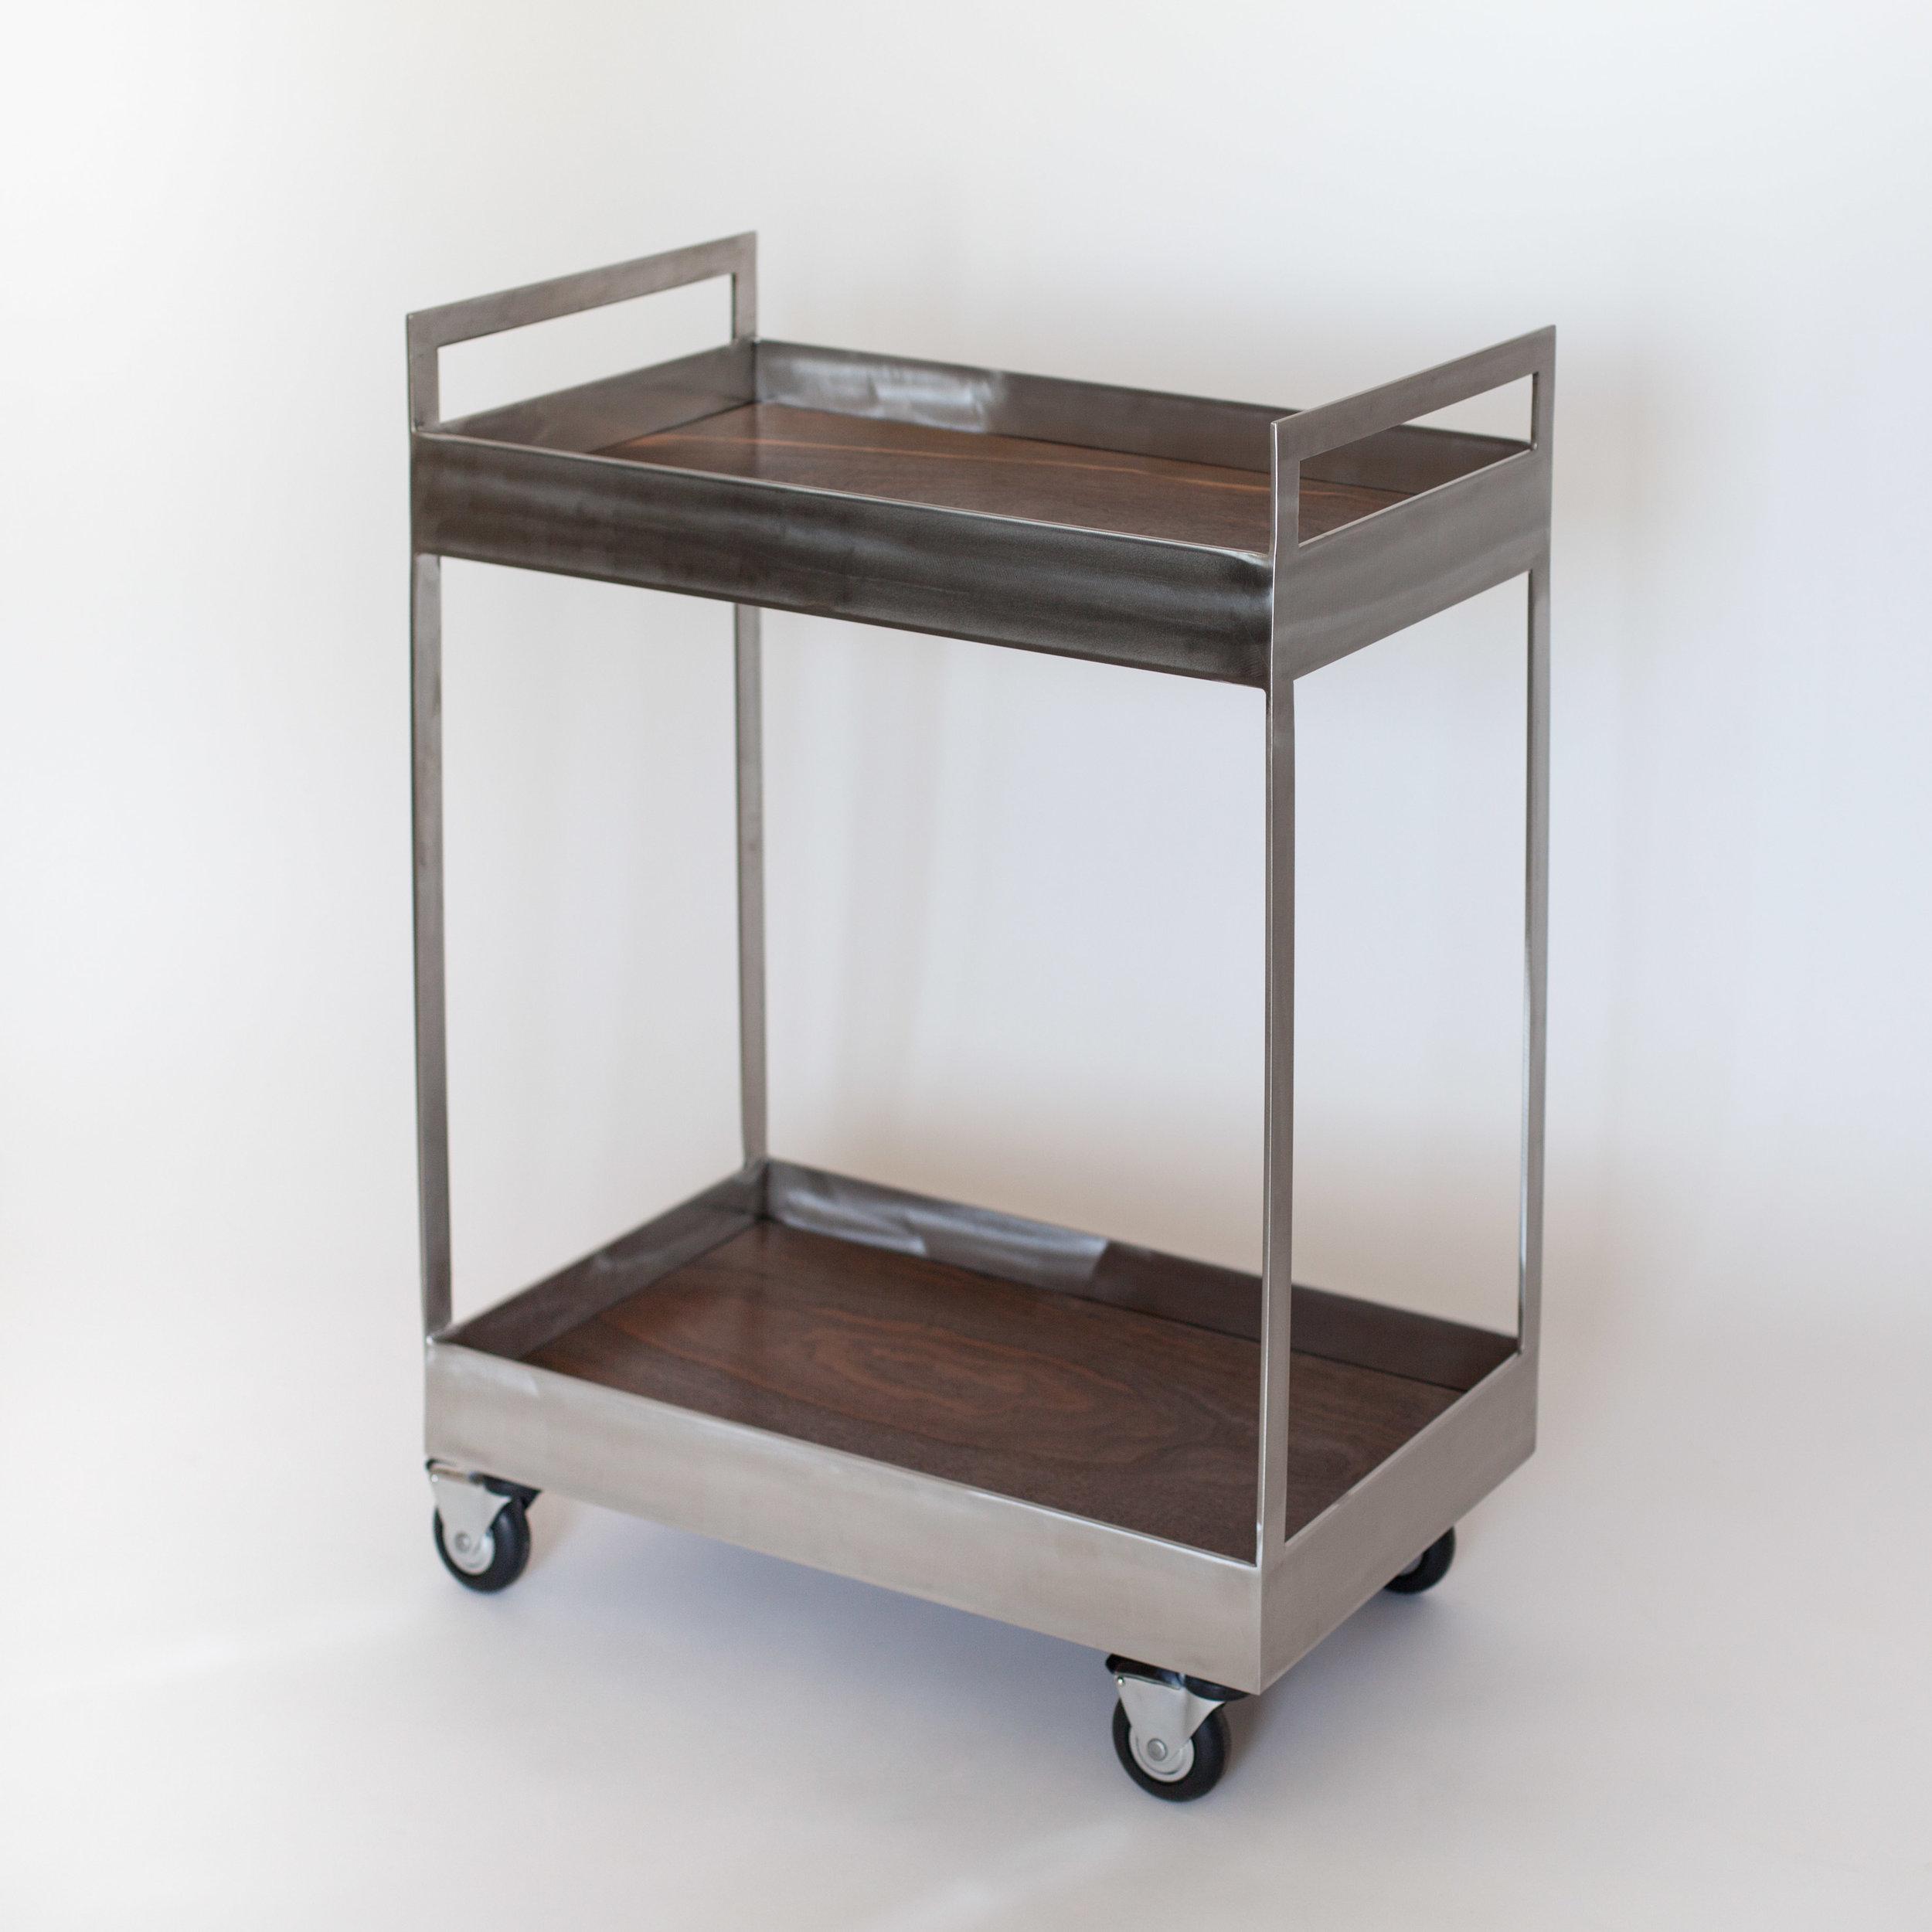 claro-cart